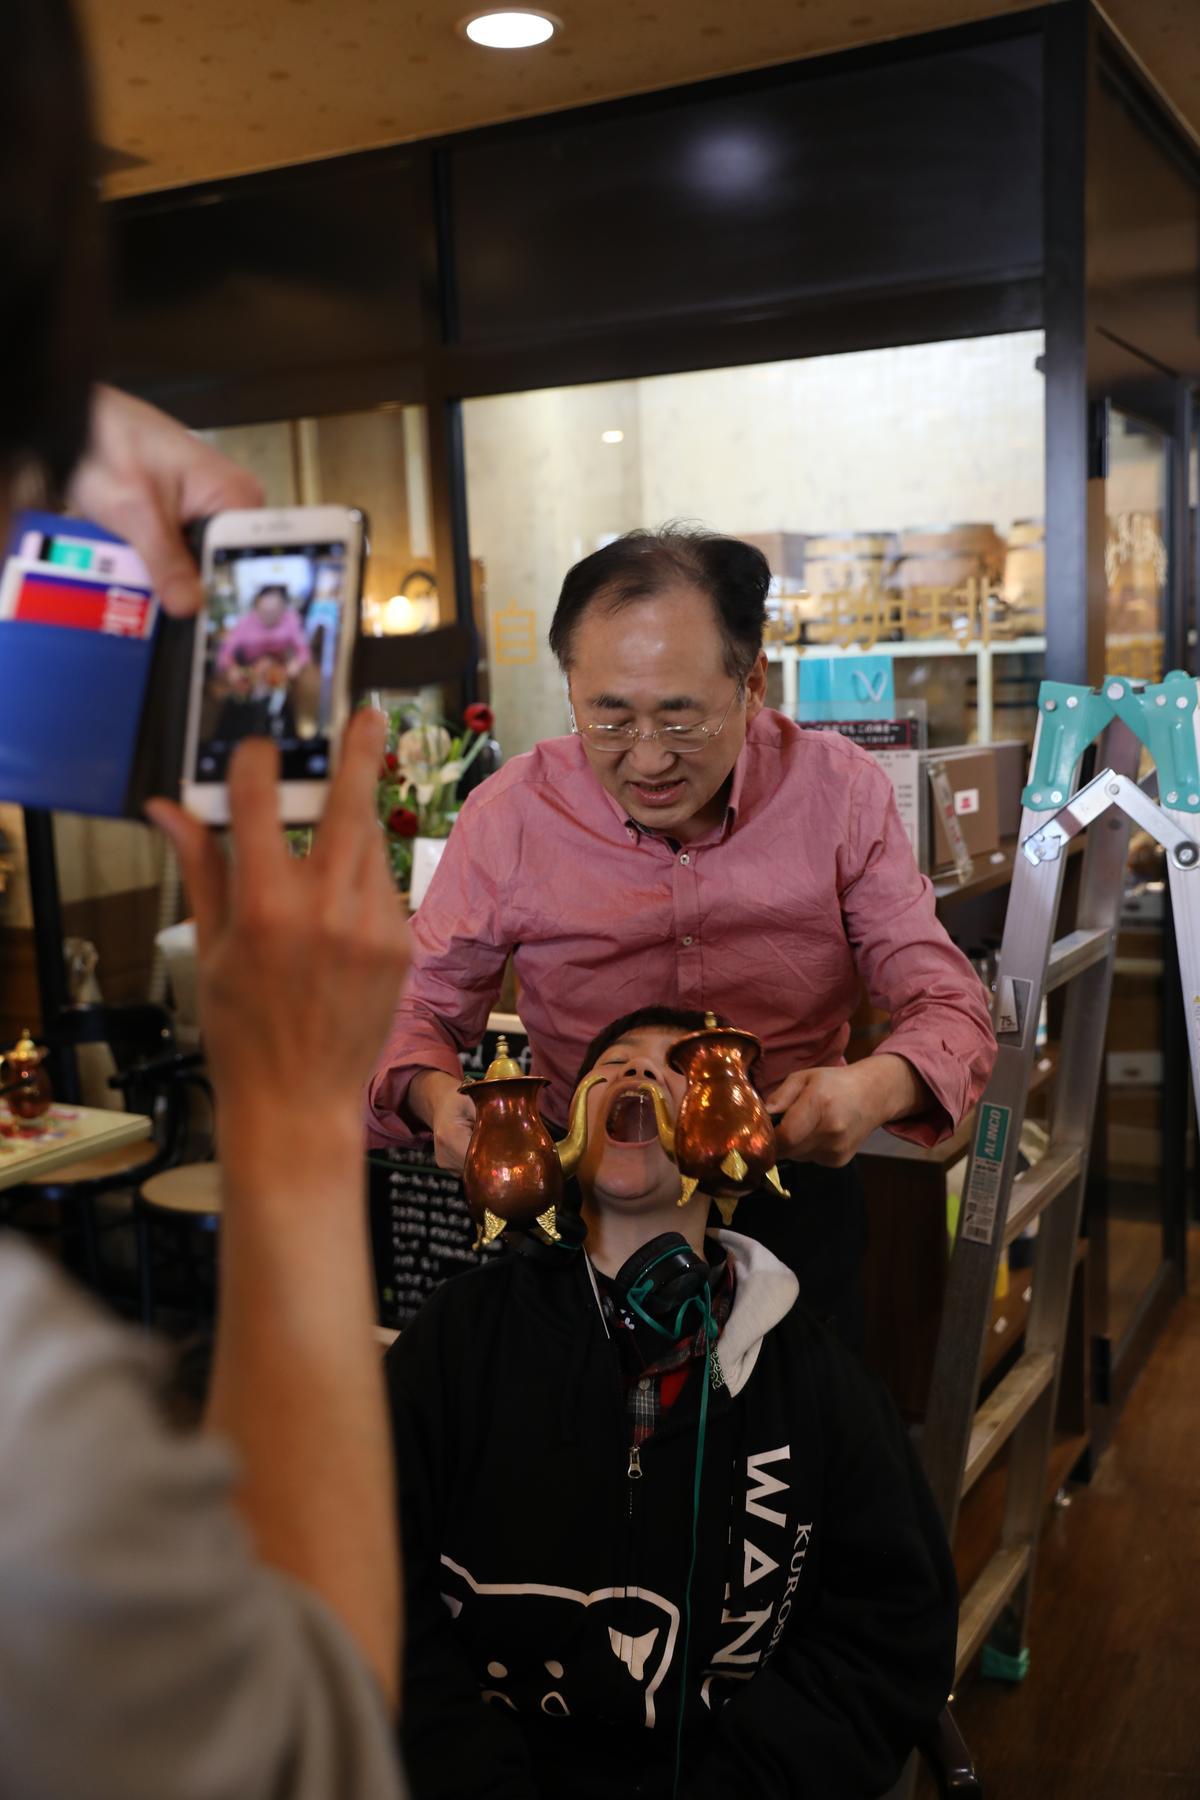 咖啡歐蕾的另類喝法,就是老闆還會將咖啡直接倒入客人的嘴巴裡。